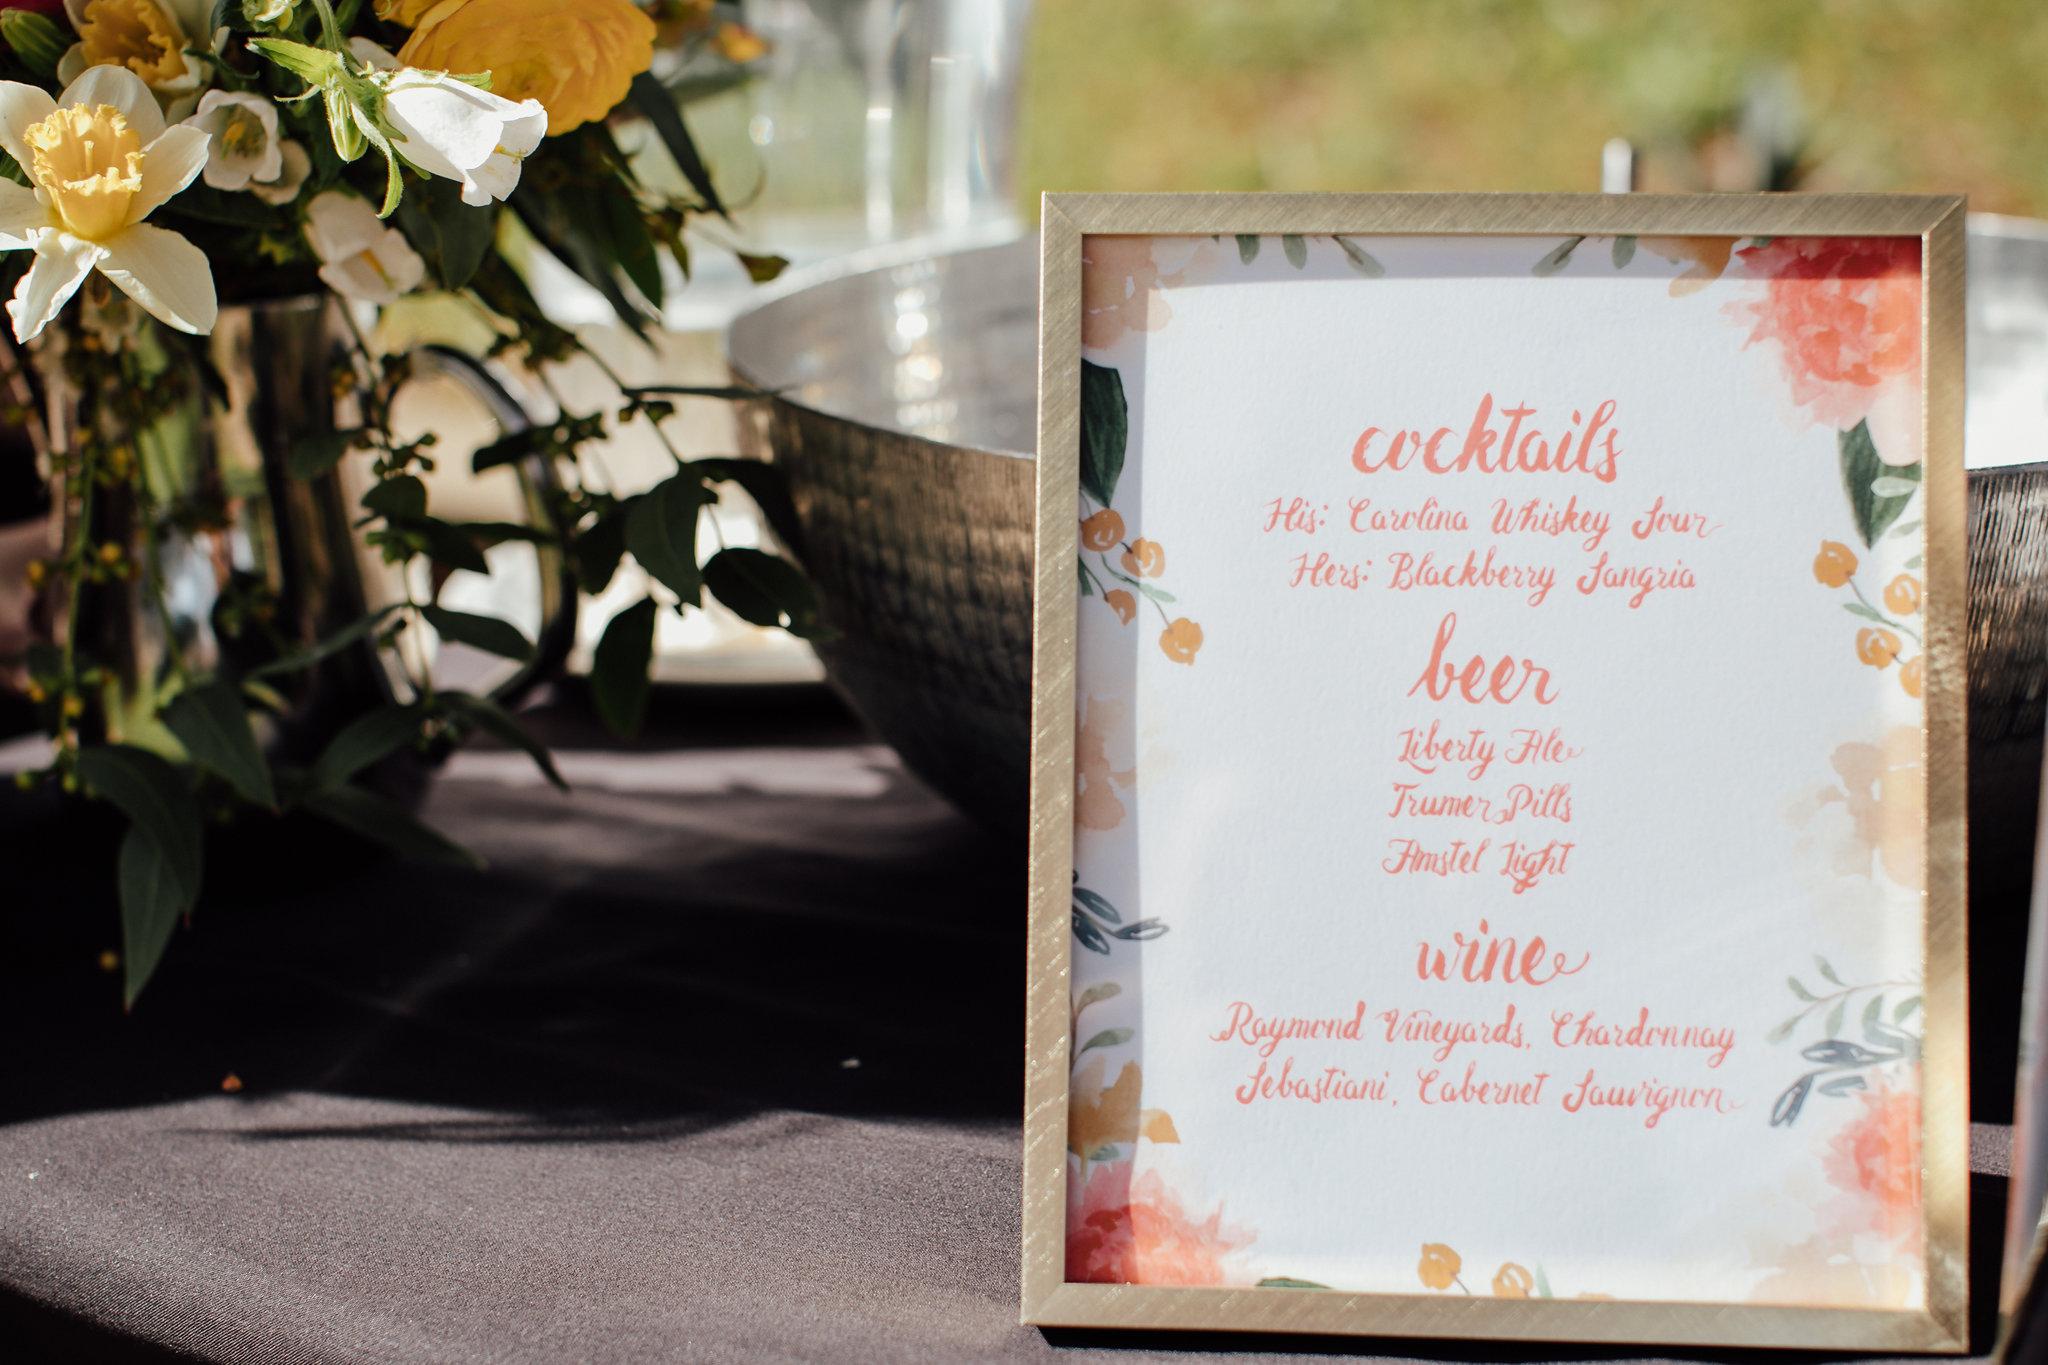 kristenandbradley-cavallopointsmallwedding-ceremony-094.jpg